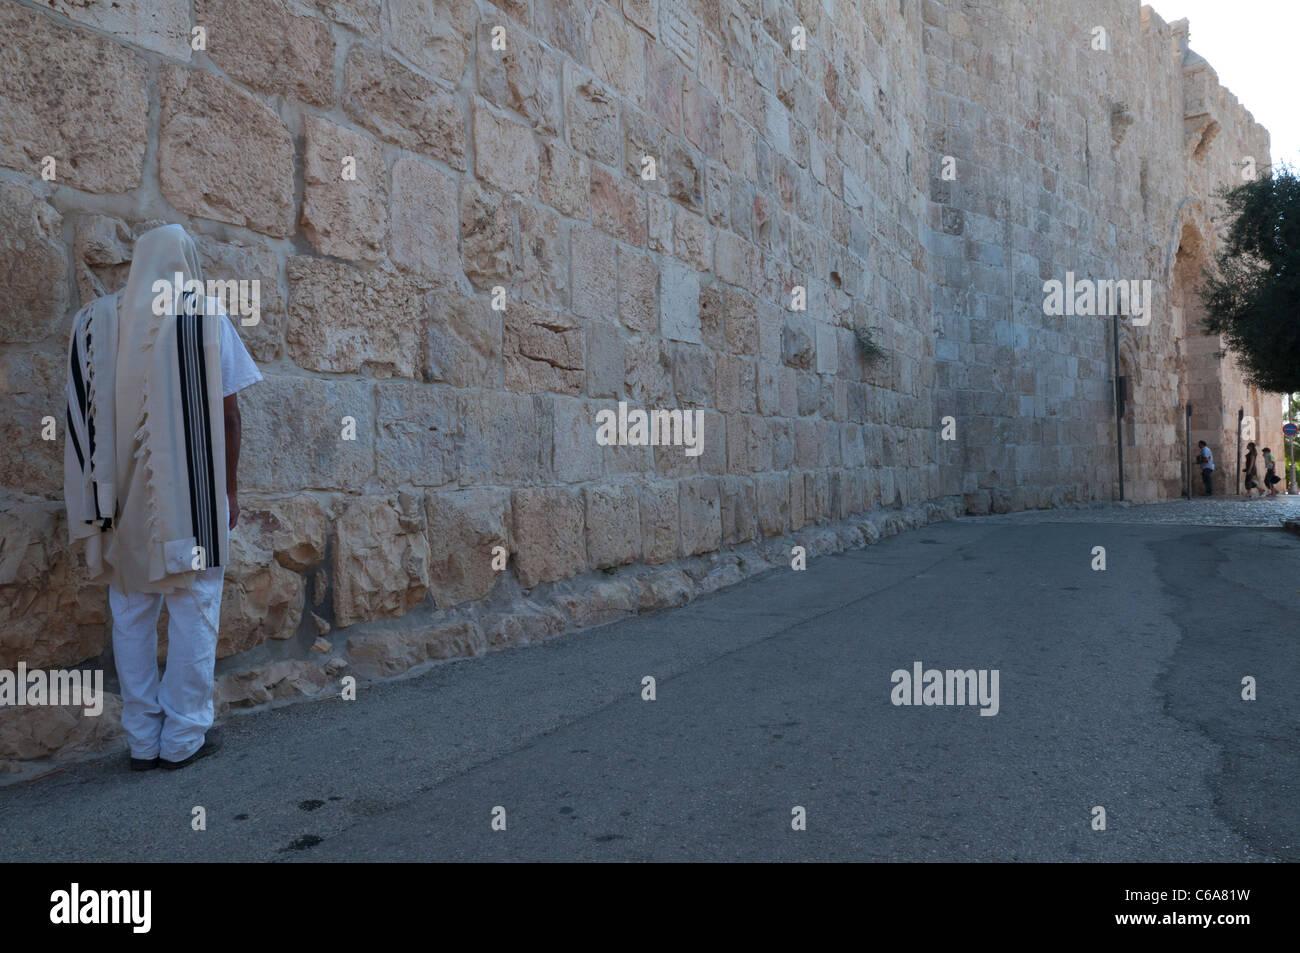 Jew with prayer shawl praying by City Walls near Zion Gate. Jerusalem Old City. Israel - Stock Image